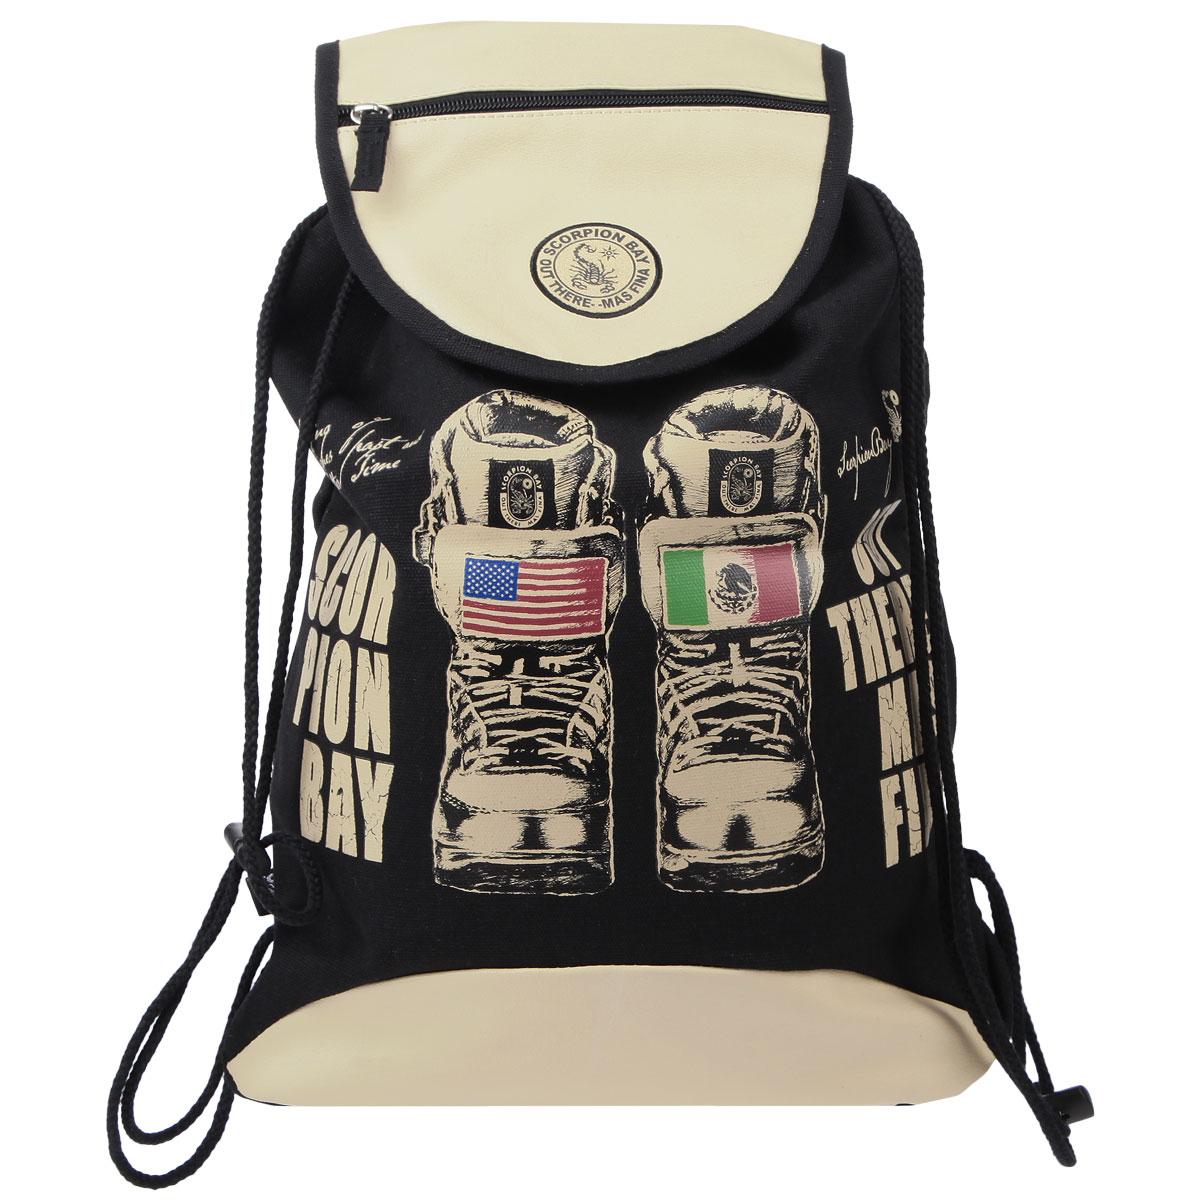 Сумка-рюкзак для обуви Scorpion Bay, цвет: бежевый, черныйAZ-ASS4305/1Сумка для сменной обуви Scorpion Bay идеально подойдет как для хранения, так и для переноски сменной обуви и одежды.Сумка, оформленная ярким принтом,выполнена из прочного износостойкого материала и содержит одно вместительное отделение, закрывающееся клапаном на липучке и затягивающееся с помощью текстильных шнурков. Шнурки фиксируются в нижней части сумки, благодаря чему ее можно носить за спиной как рюкзак. На клапанеимеется дополнительный карман на молнии. Ваш ребенок с радостью будет ходитьв школу с таким аксессуаром.